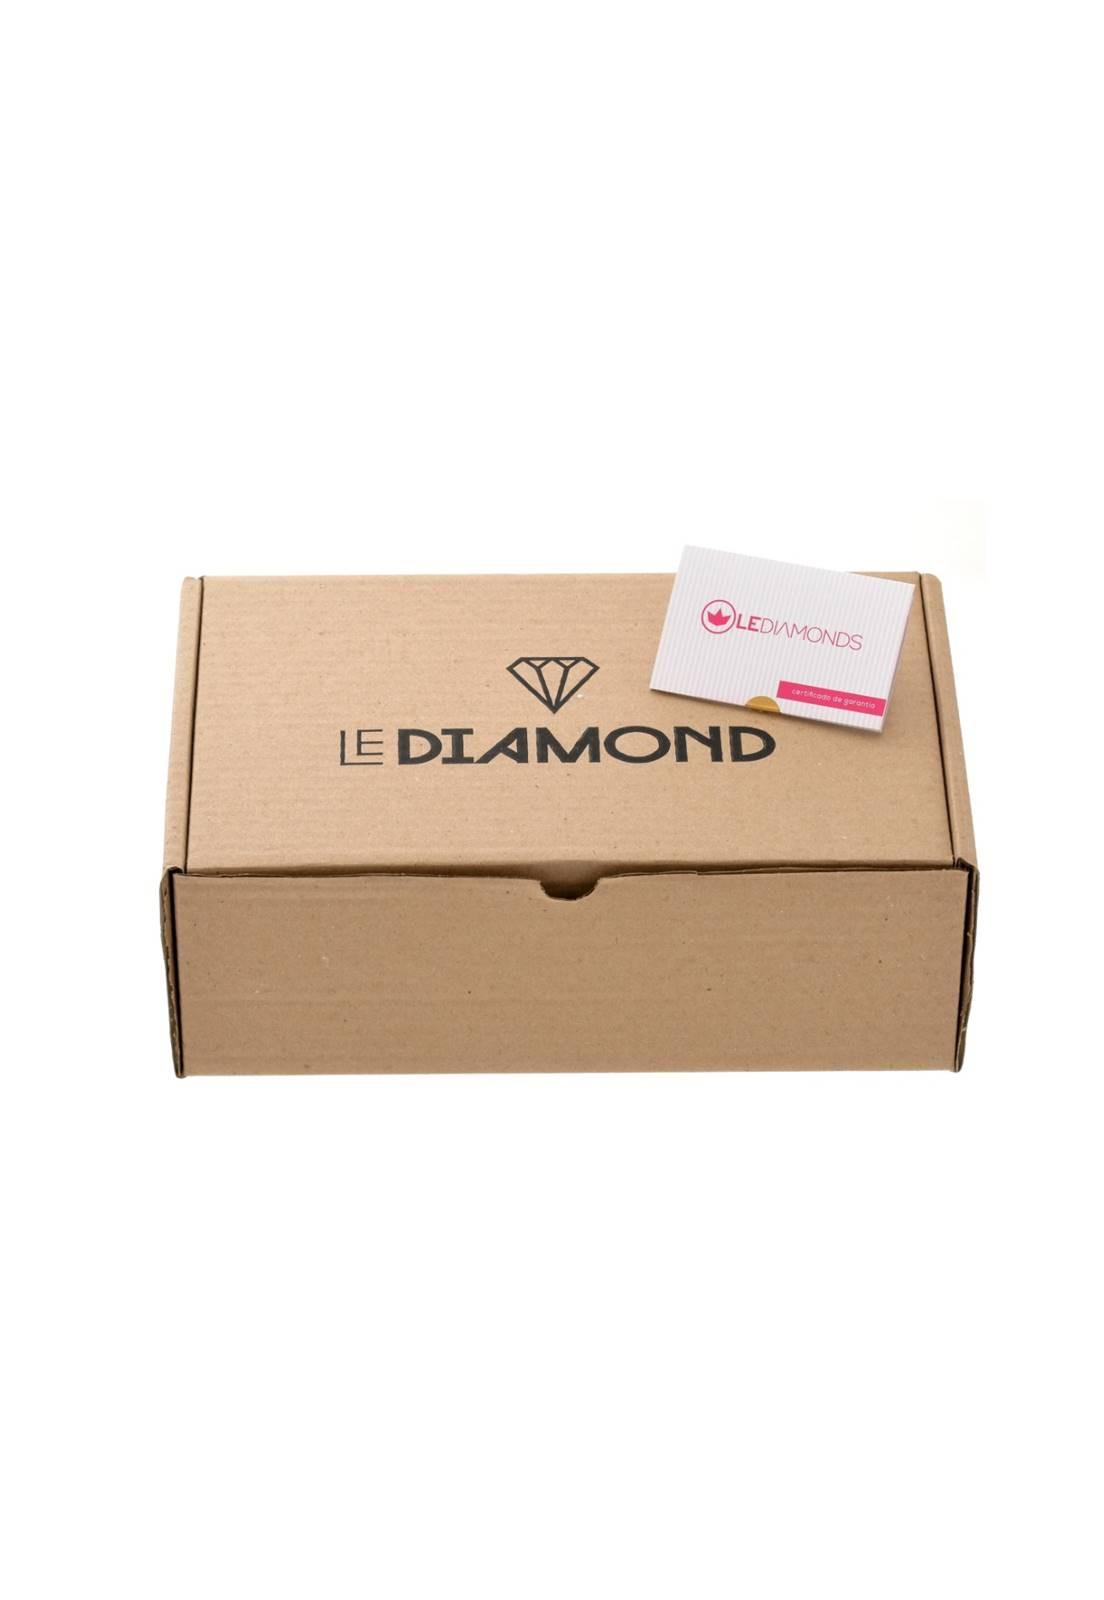 Brinco Le Diamond Peixe Acrílico Com Ponta De Metal Roxo